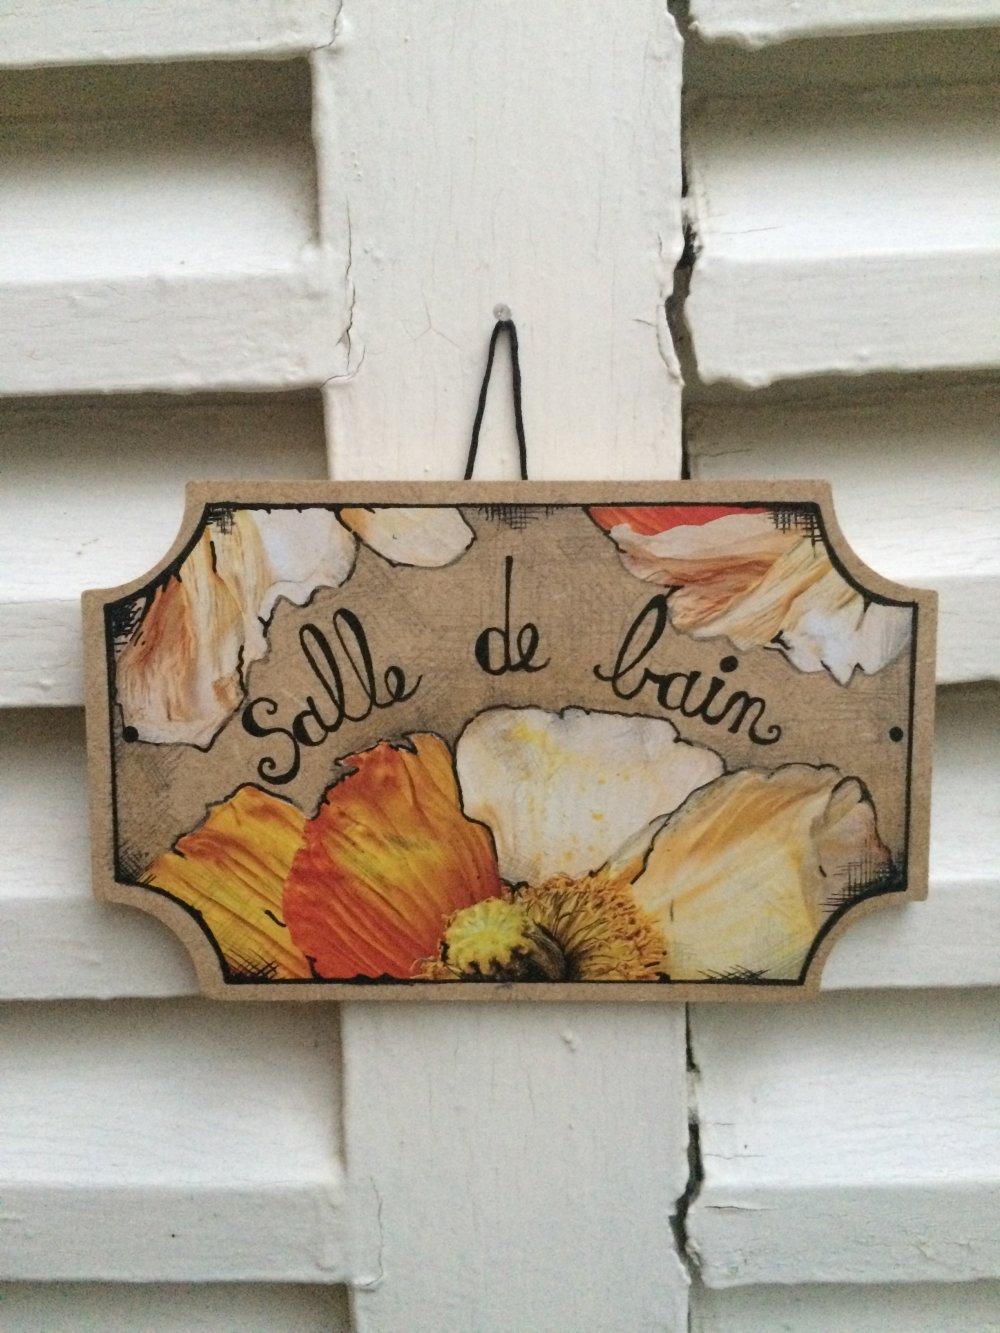 Salle De Bain Plaque plaque de porte salle de bain